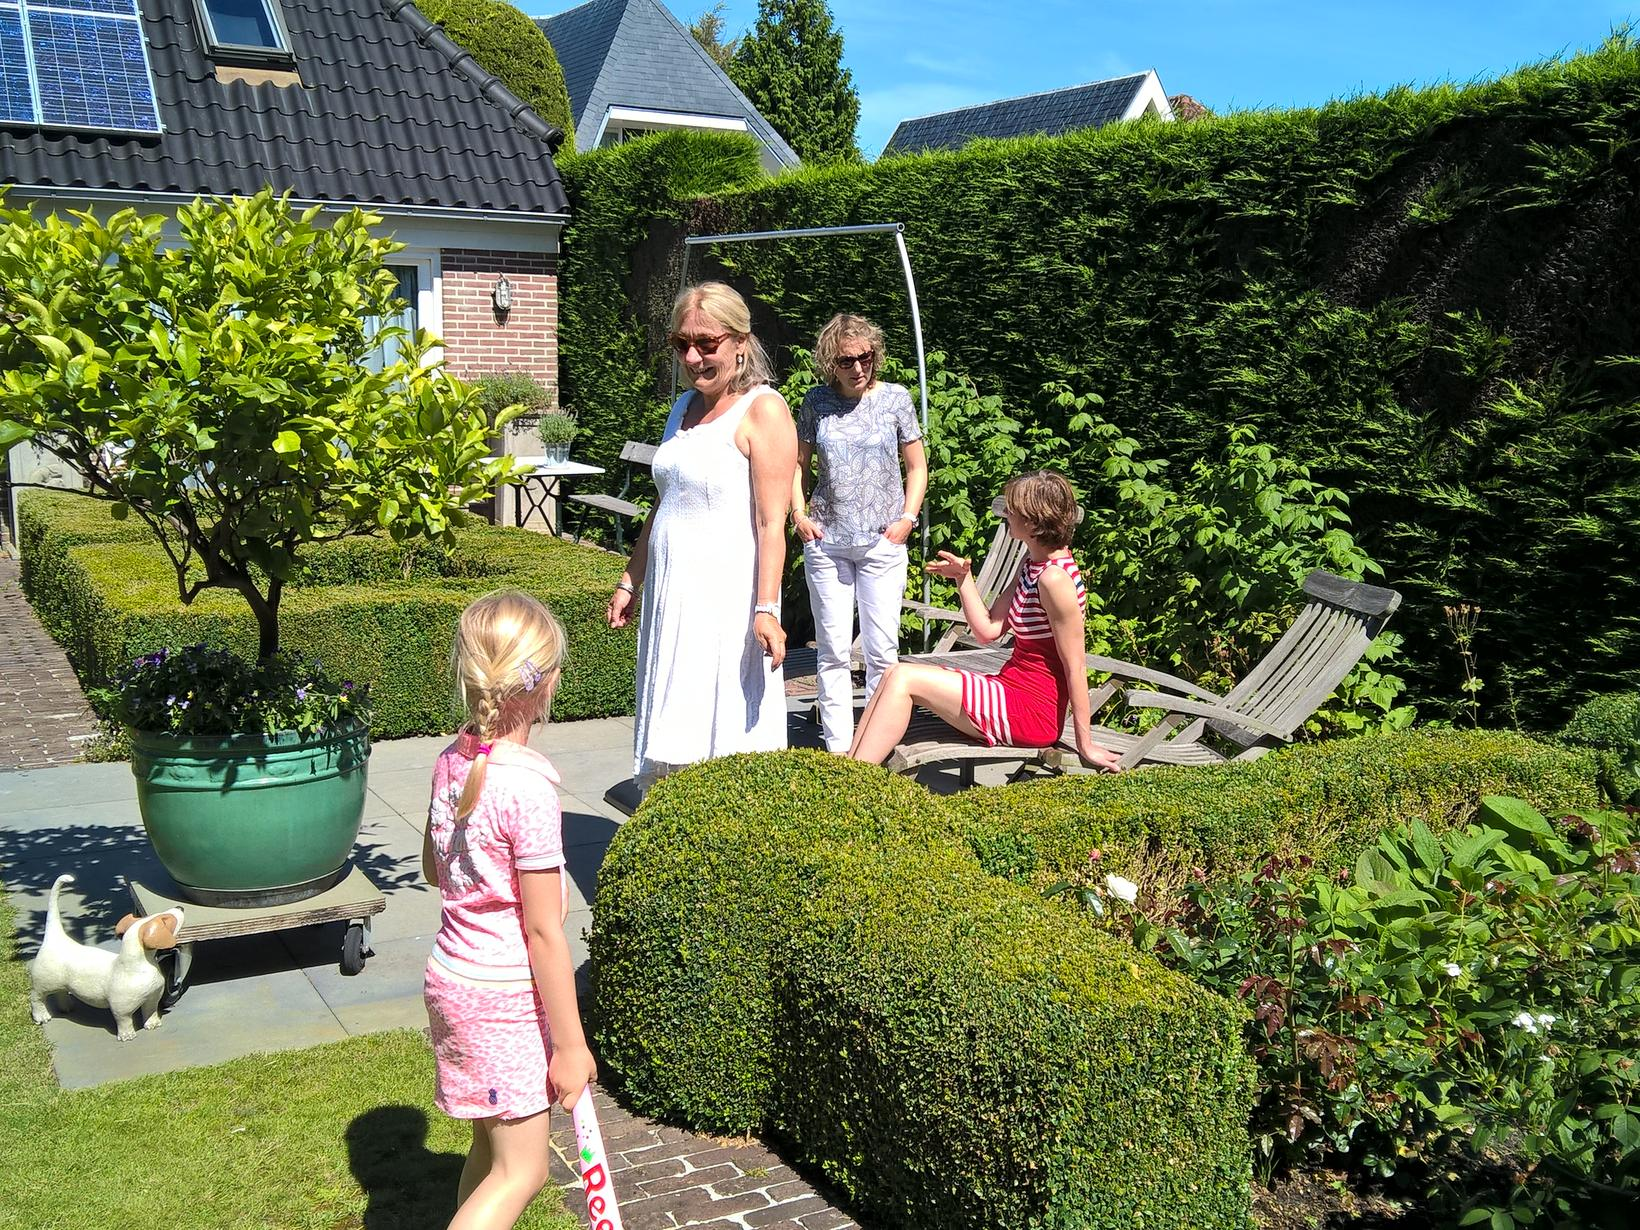 Maarten & Elisabeth from Schoorl, Netherlands